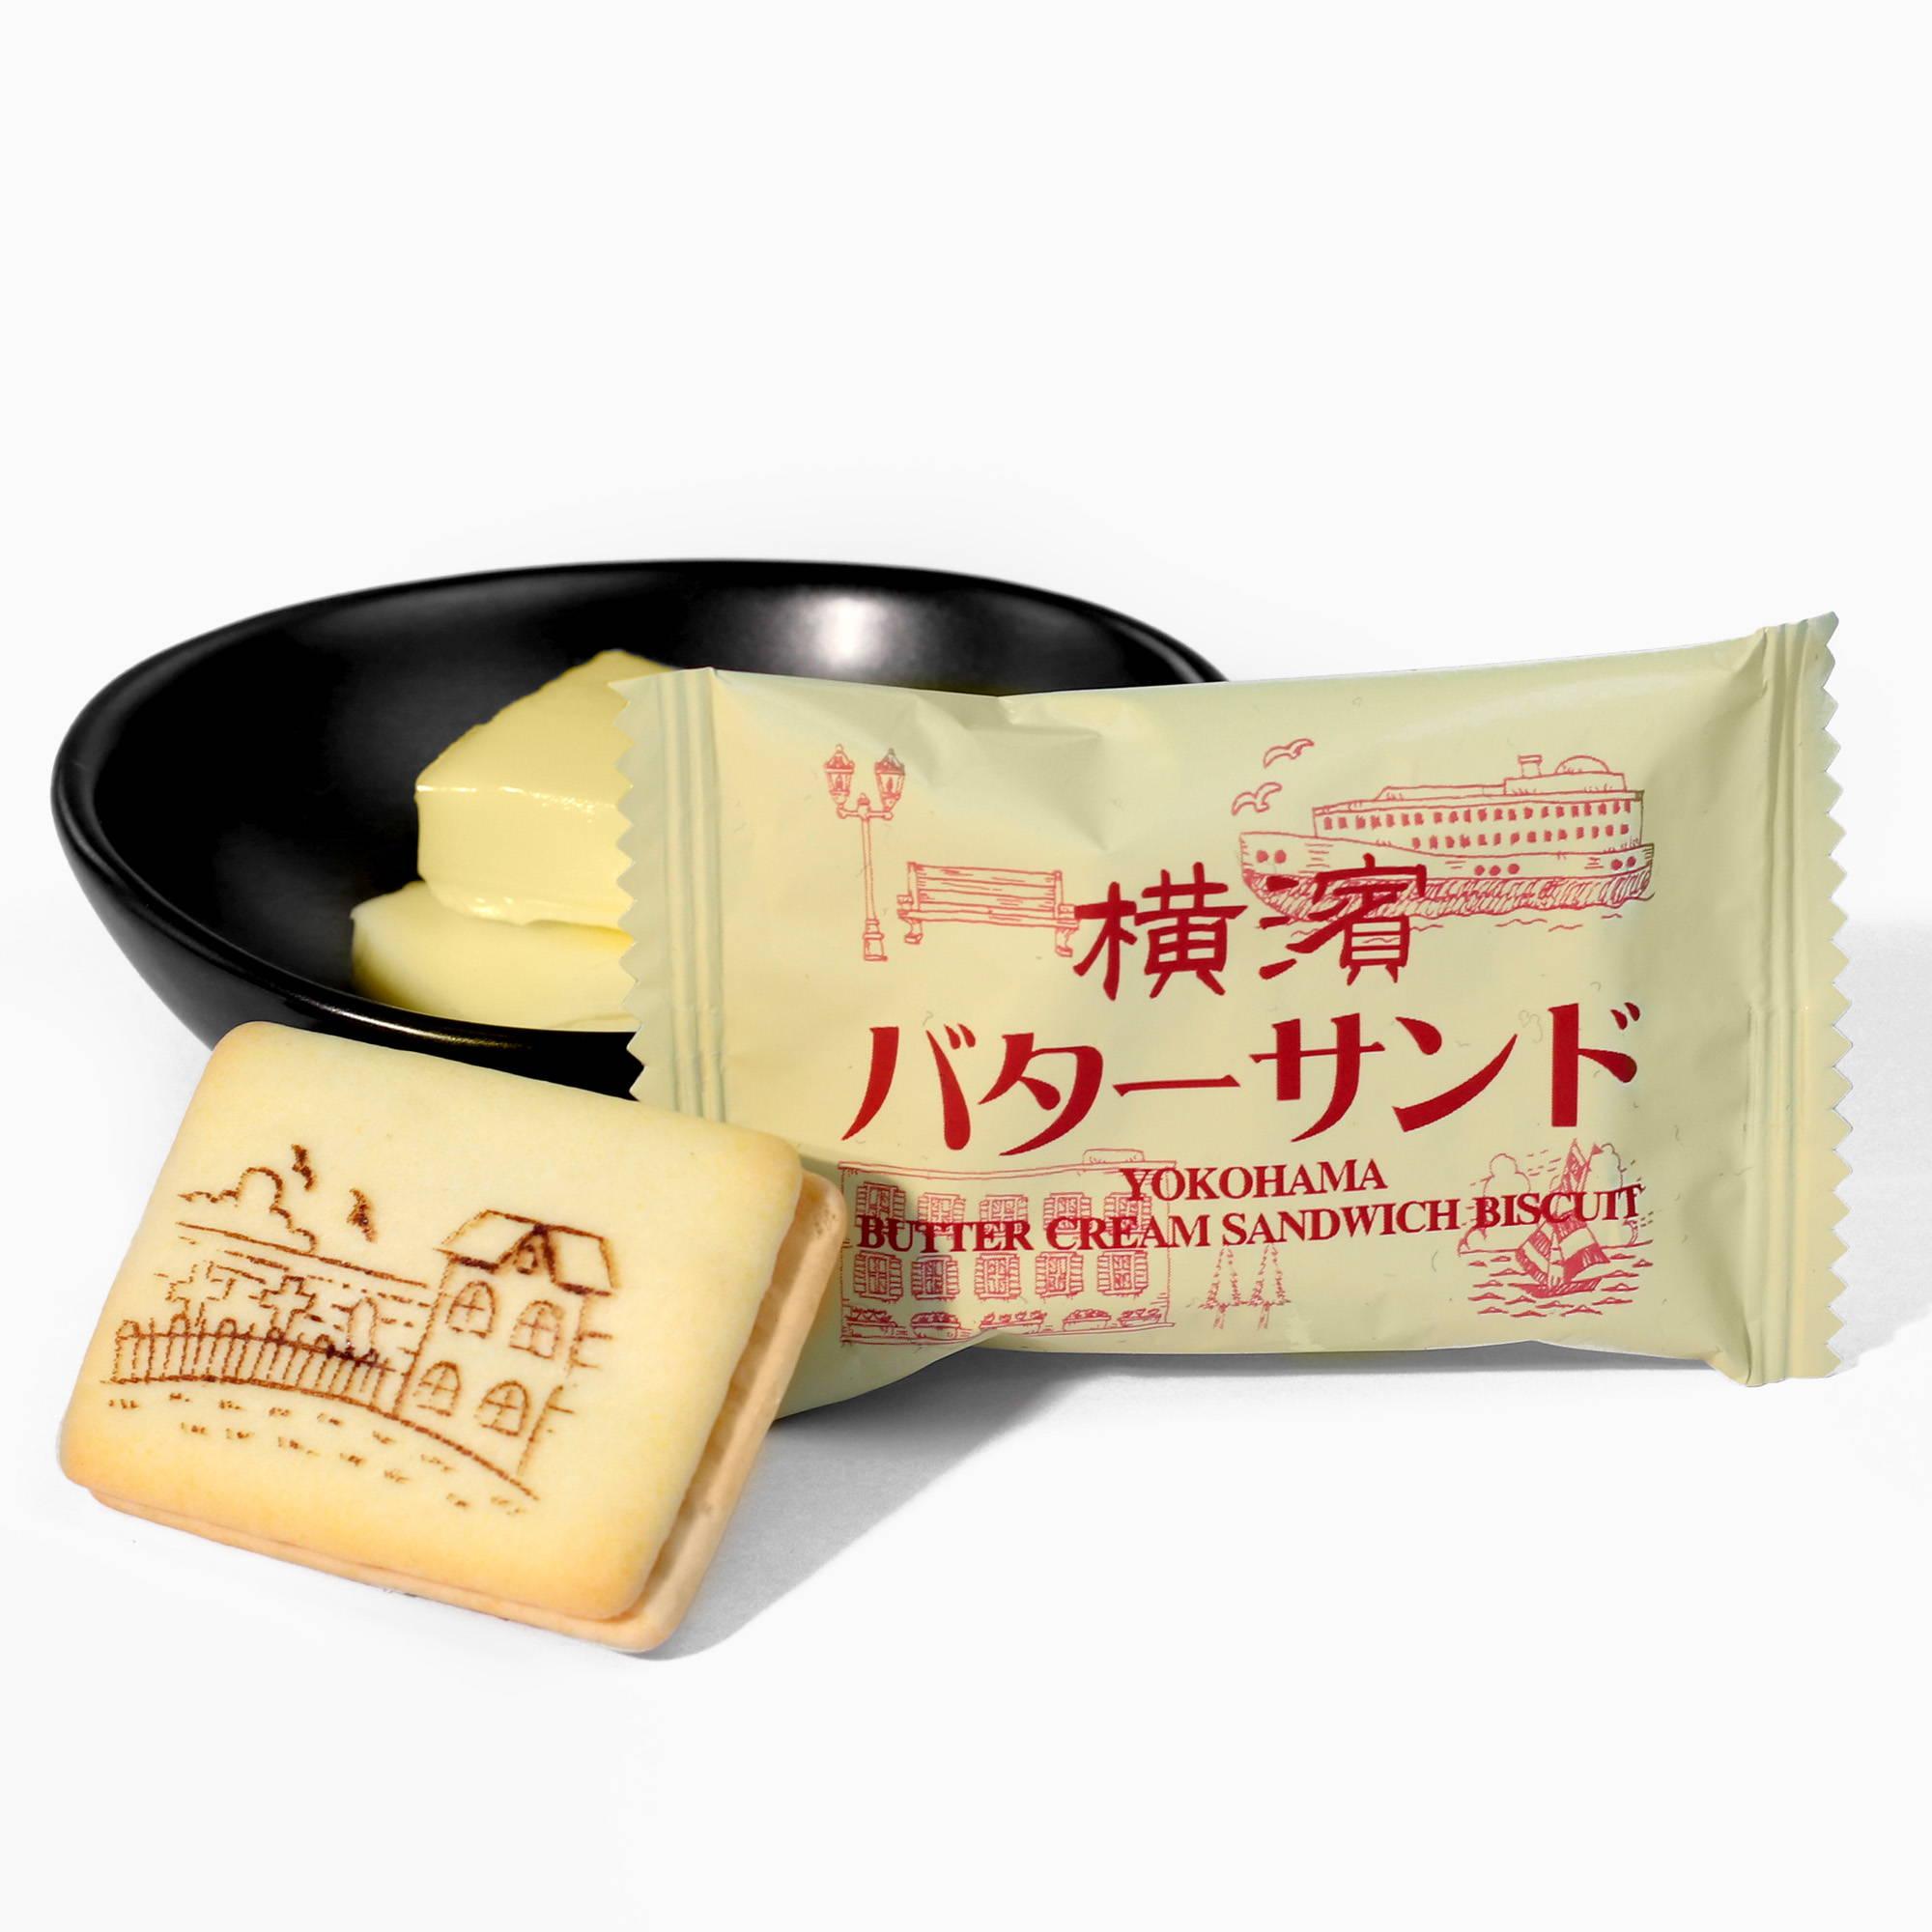 Yokohama Butter Sandwich Cookie